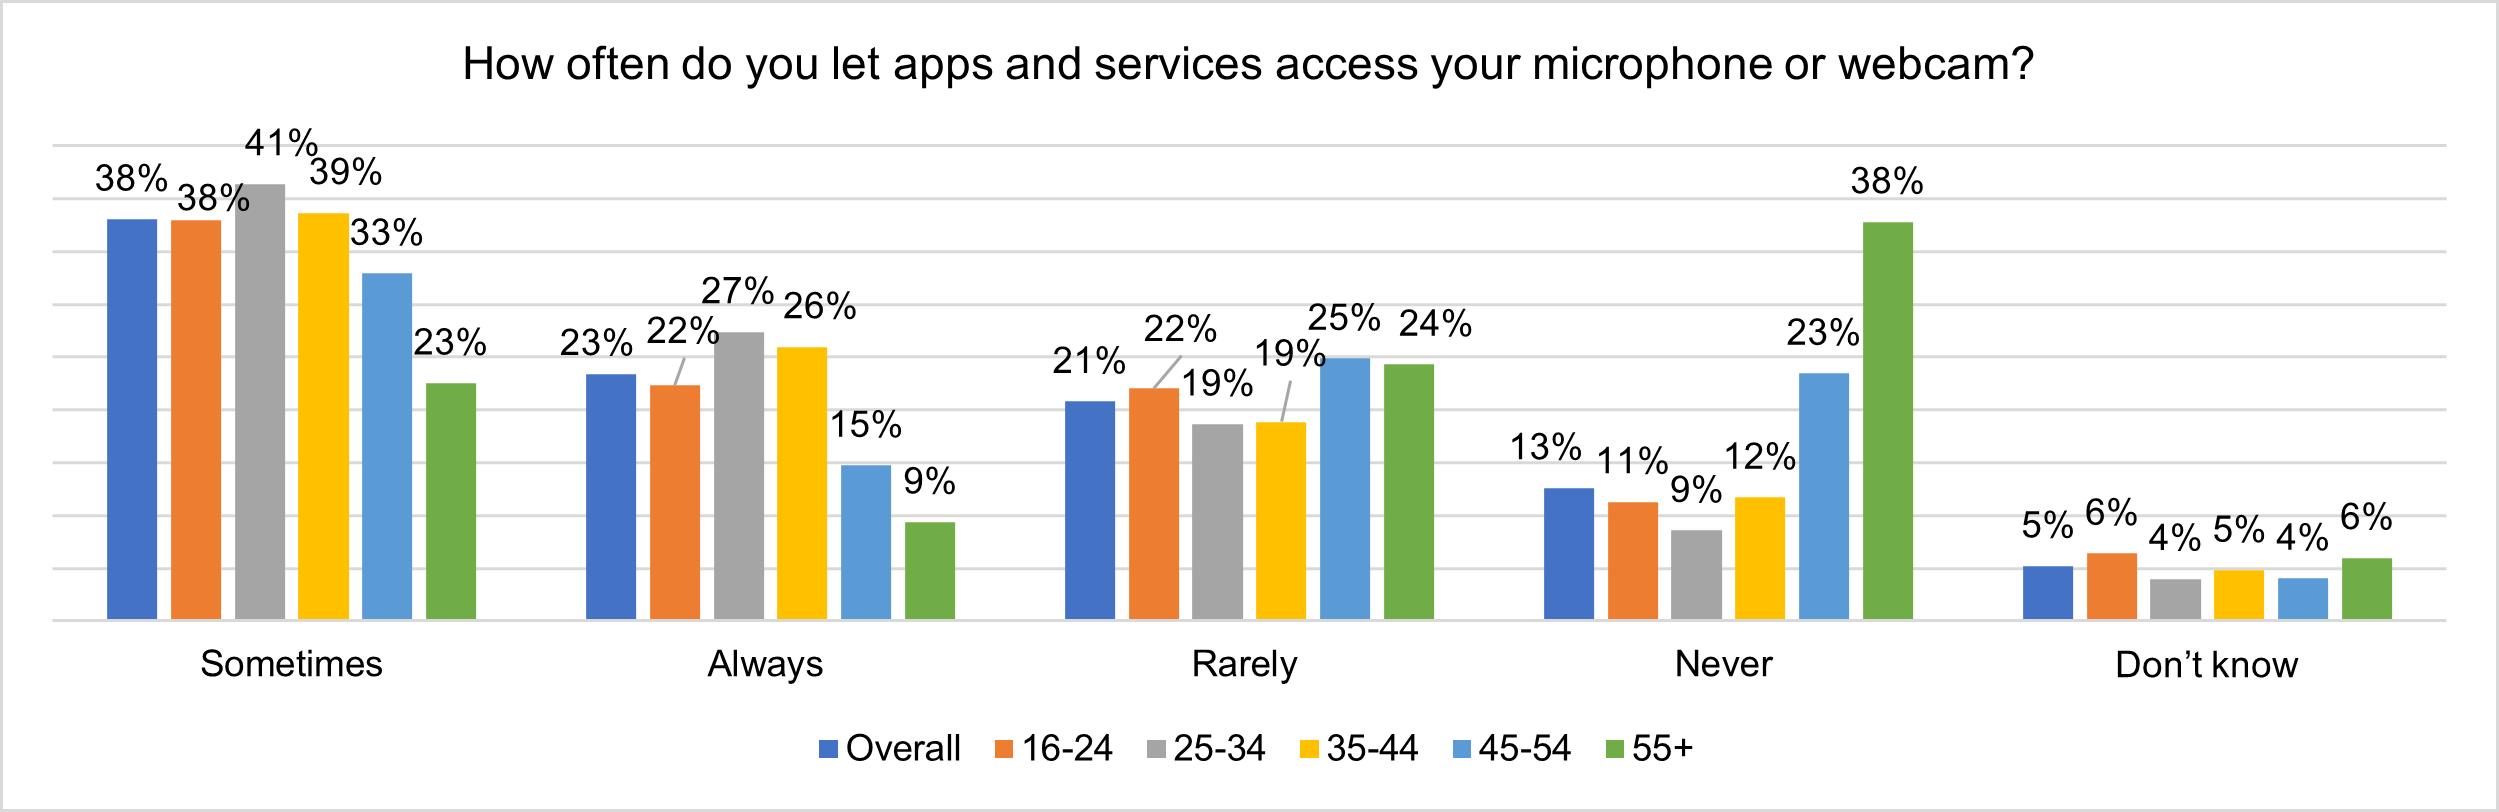 Aproape un sfert dintre utilizatorii online permit întotdeauna aplicațiilor și serviciilor accesul la microfoanele sau camerele web de pe dispozitivele personale